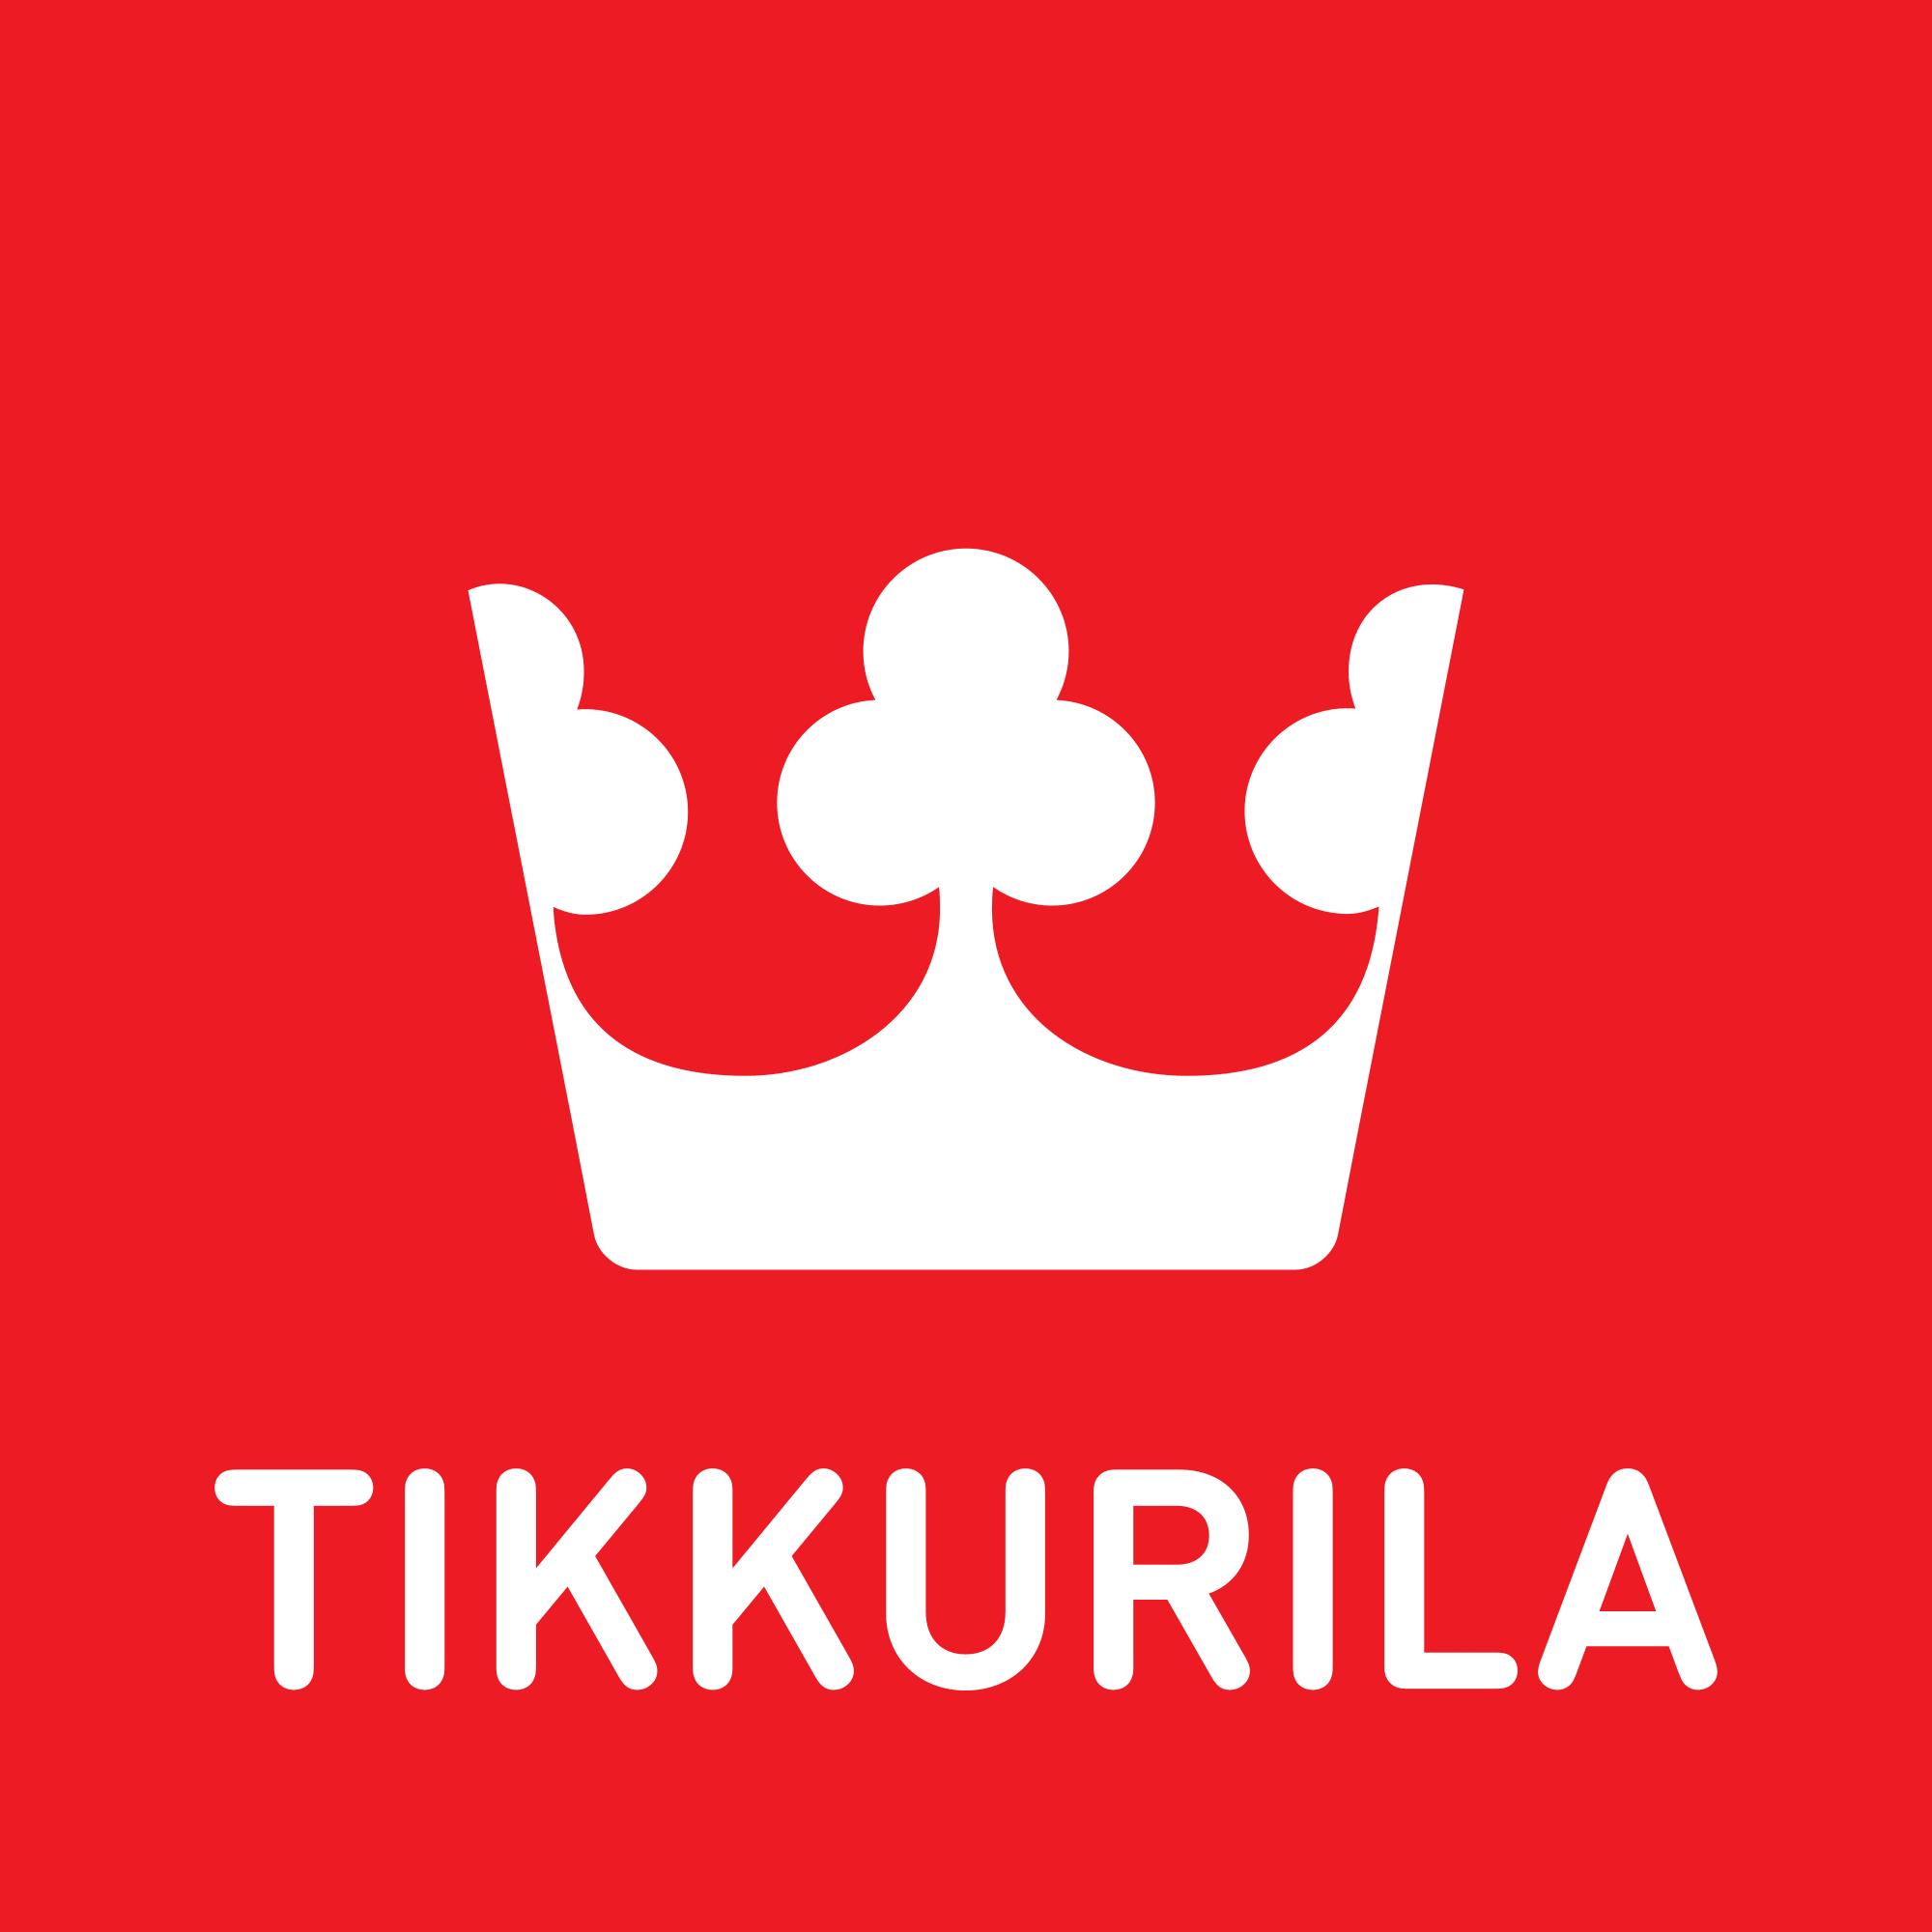 Jó választás a Tikkurila!